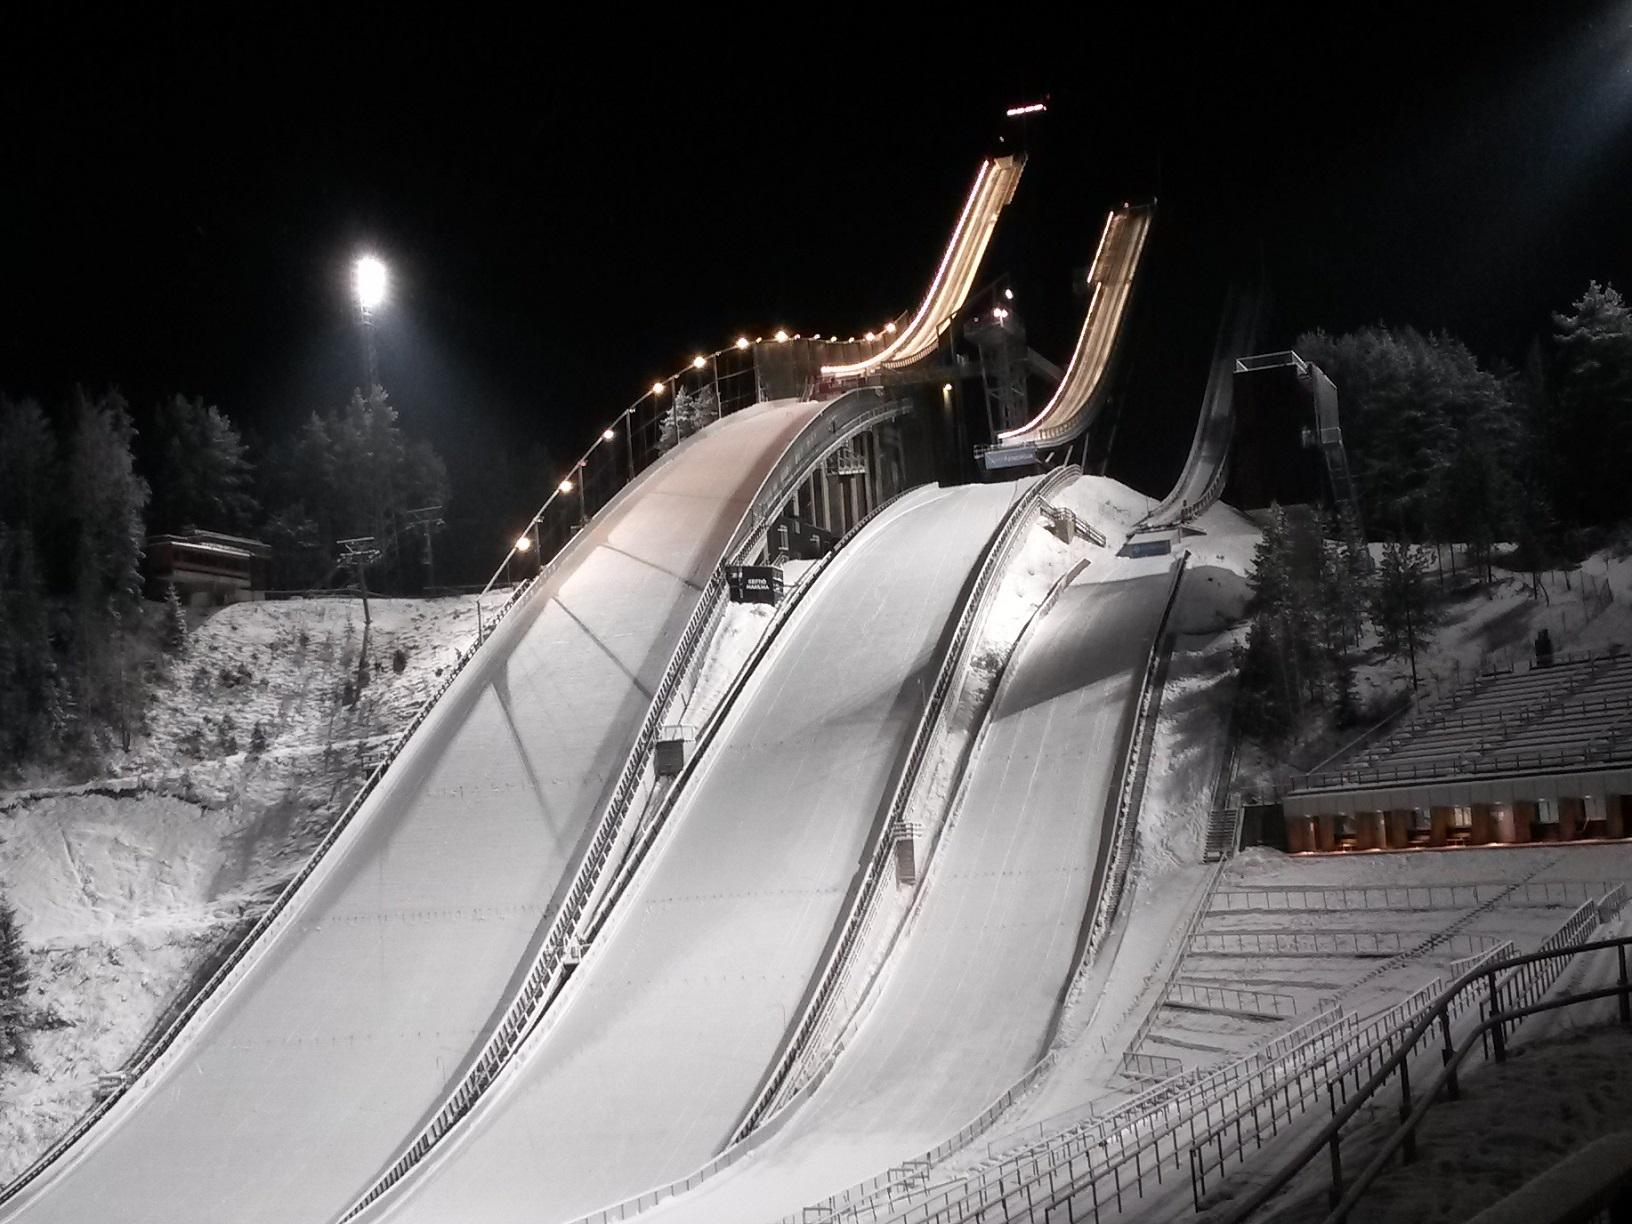 Winterliche Aufnahme der Skisprungschanzen von Lahti